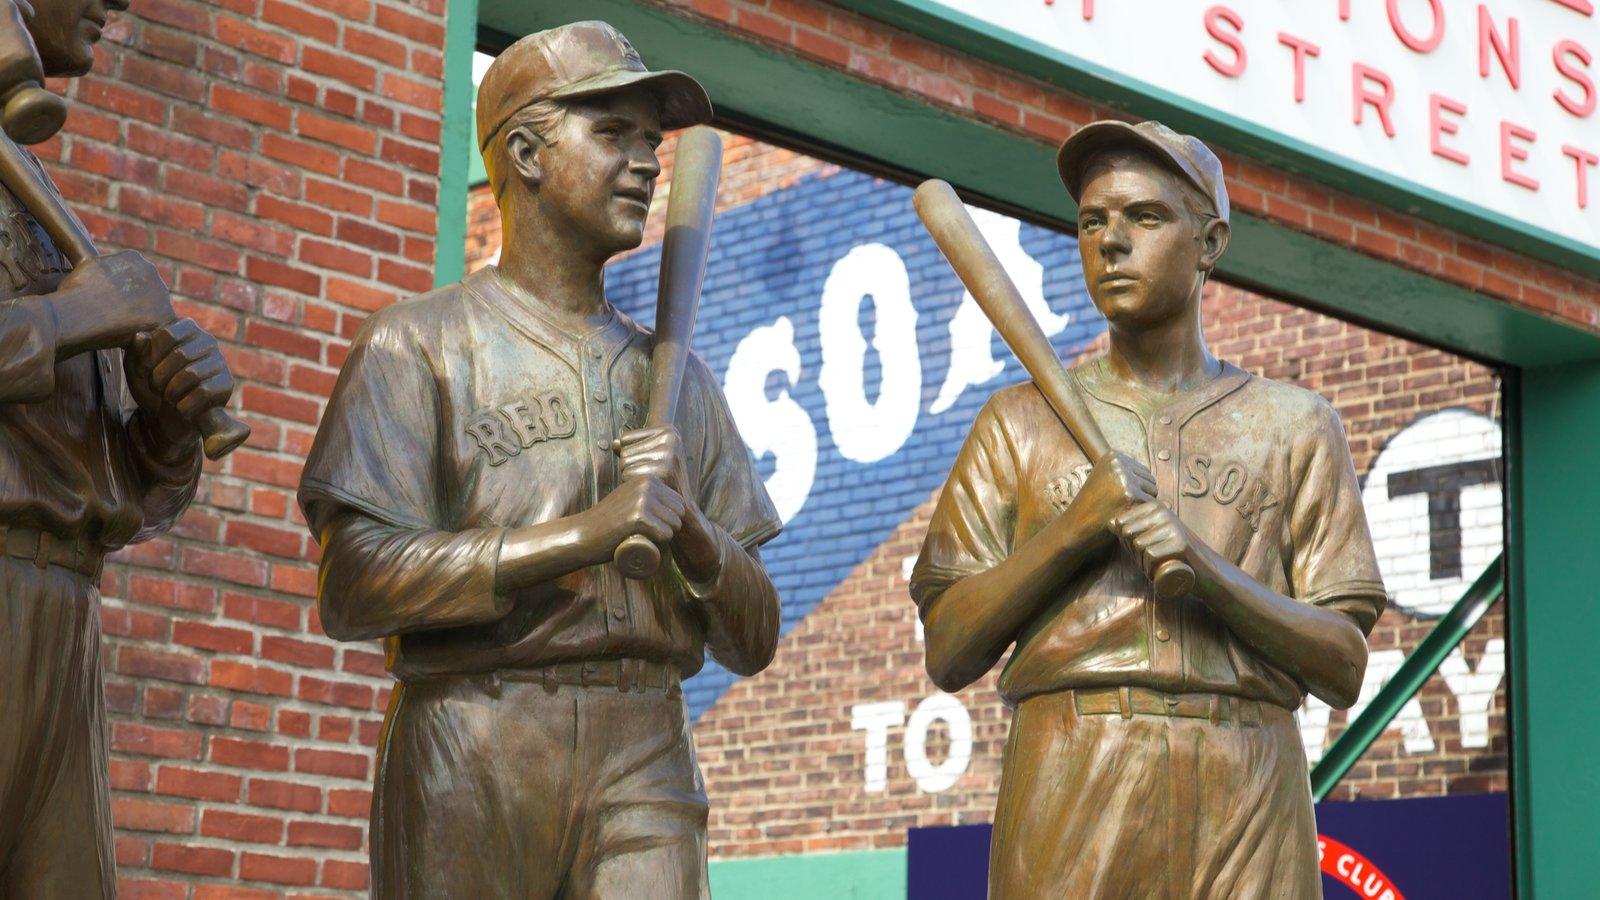 Estadio de béisbol Fenway Park mostrando una estatua o escultura y arte al aire libre